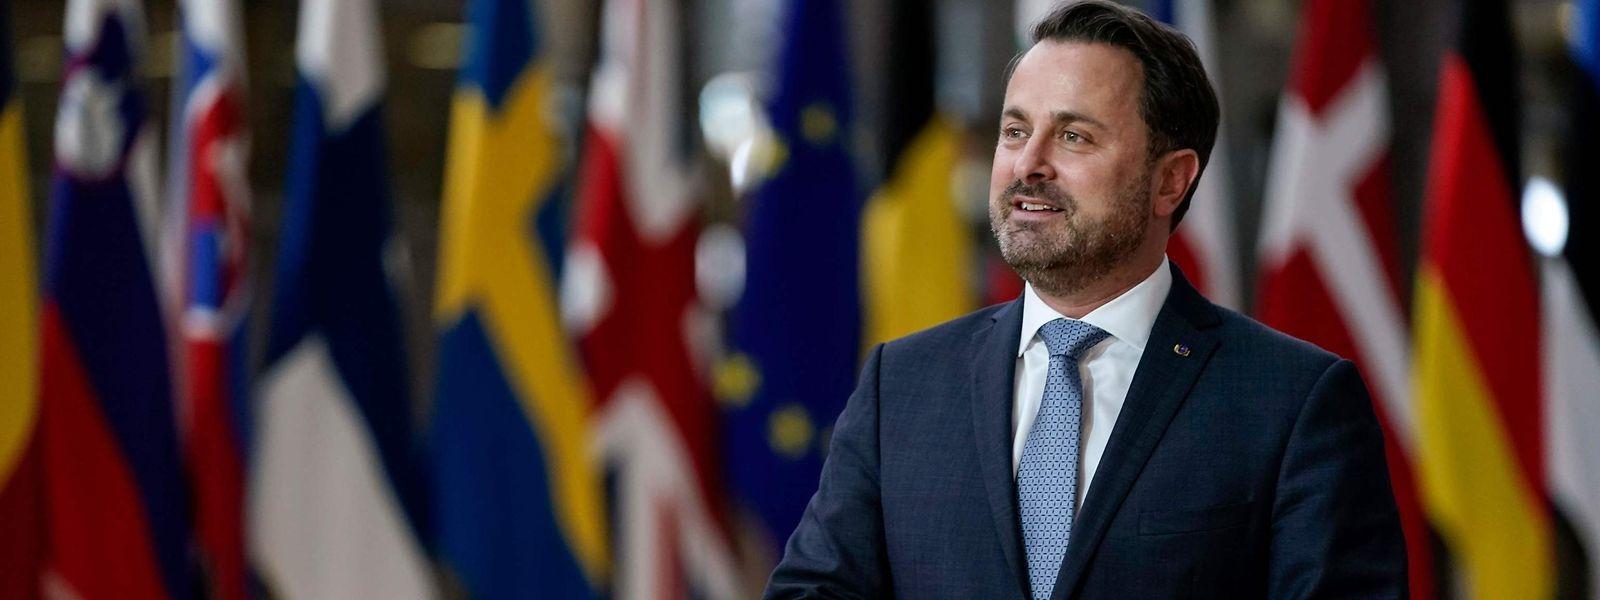 Xavier Bettel trifft am Donnerstag zum EU-Gipfel in Brüssel ein.